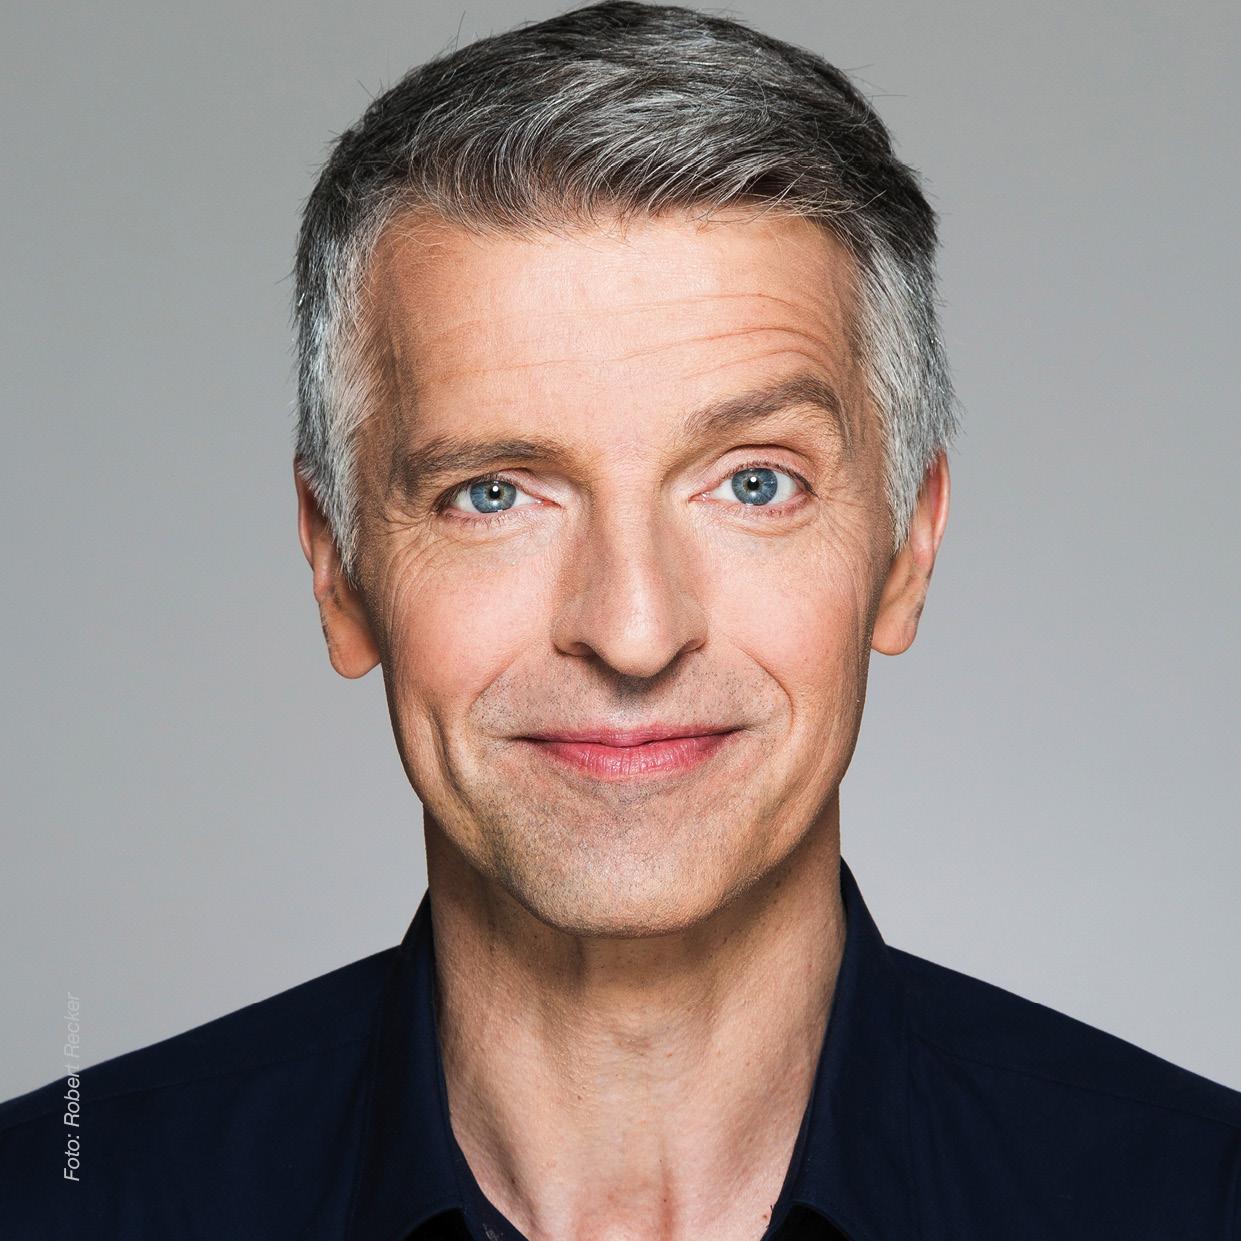 Eifel-KULTURTAGE 2021, Eifel-KULTURTAGE 2021 Johannes Flöck